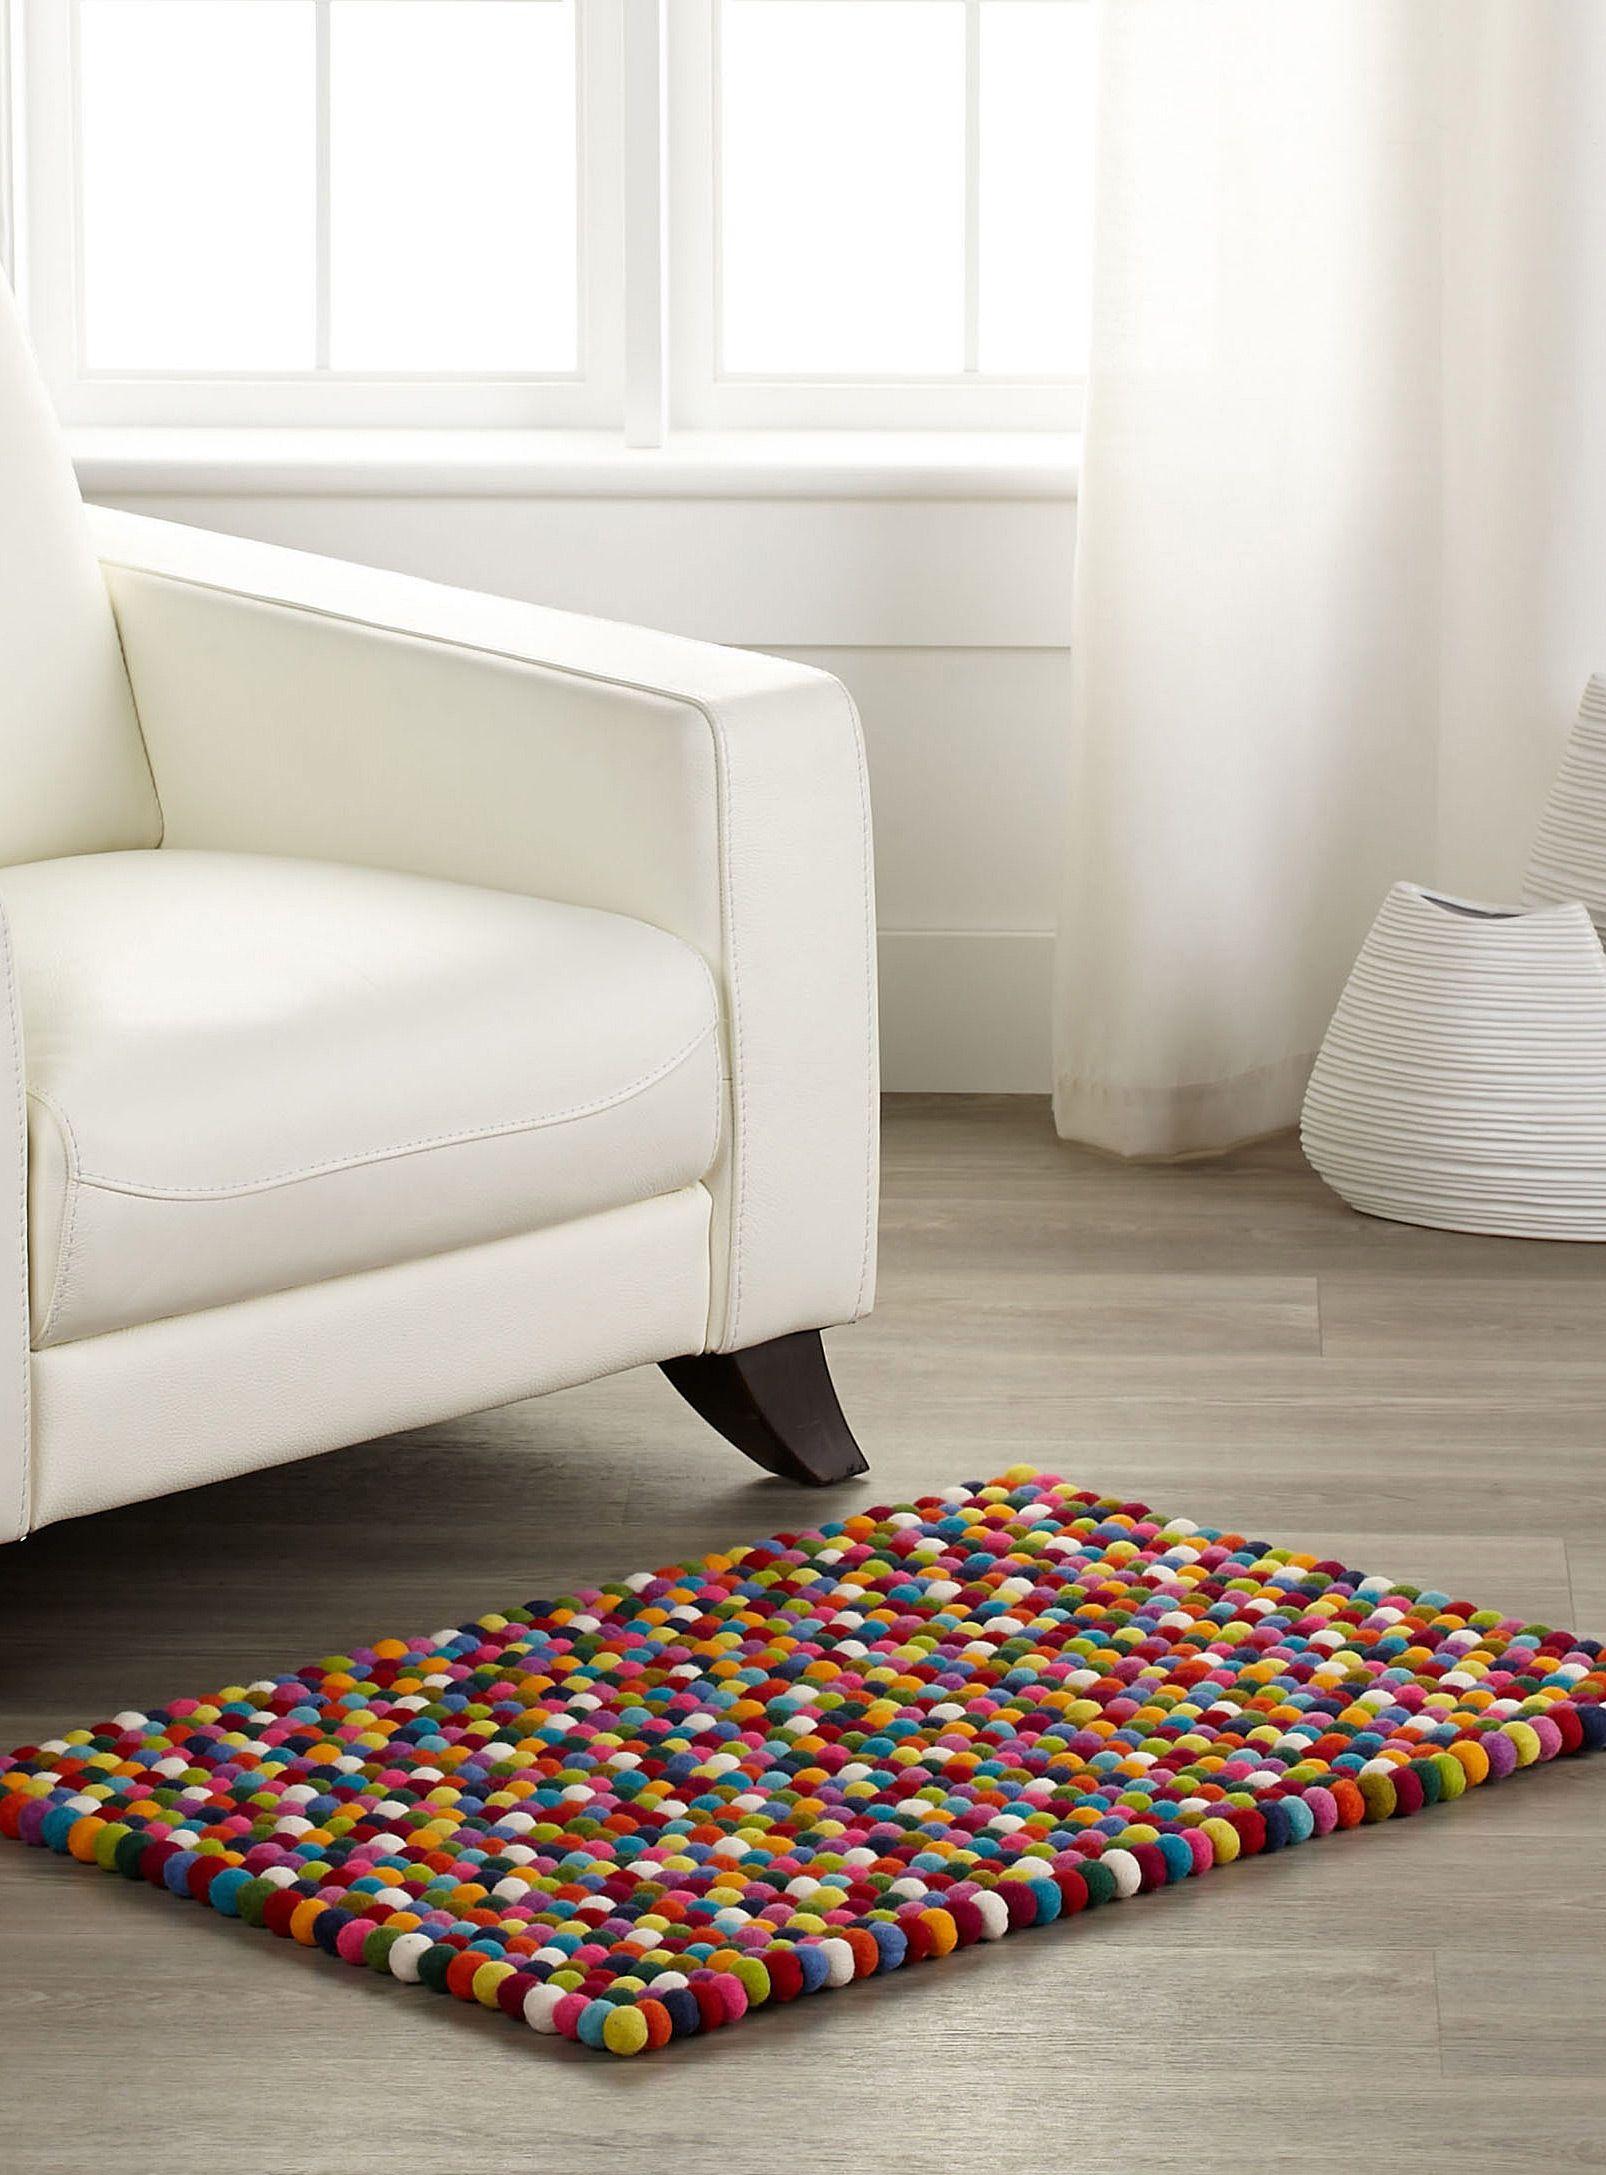 Wool pompom floor mat 60 x 90 cm Simons Maison